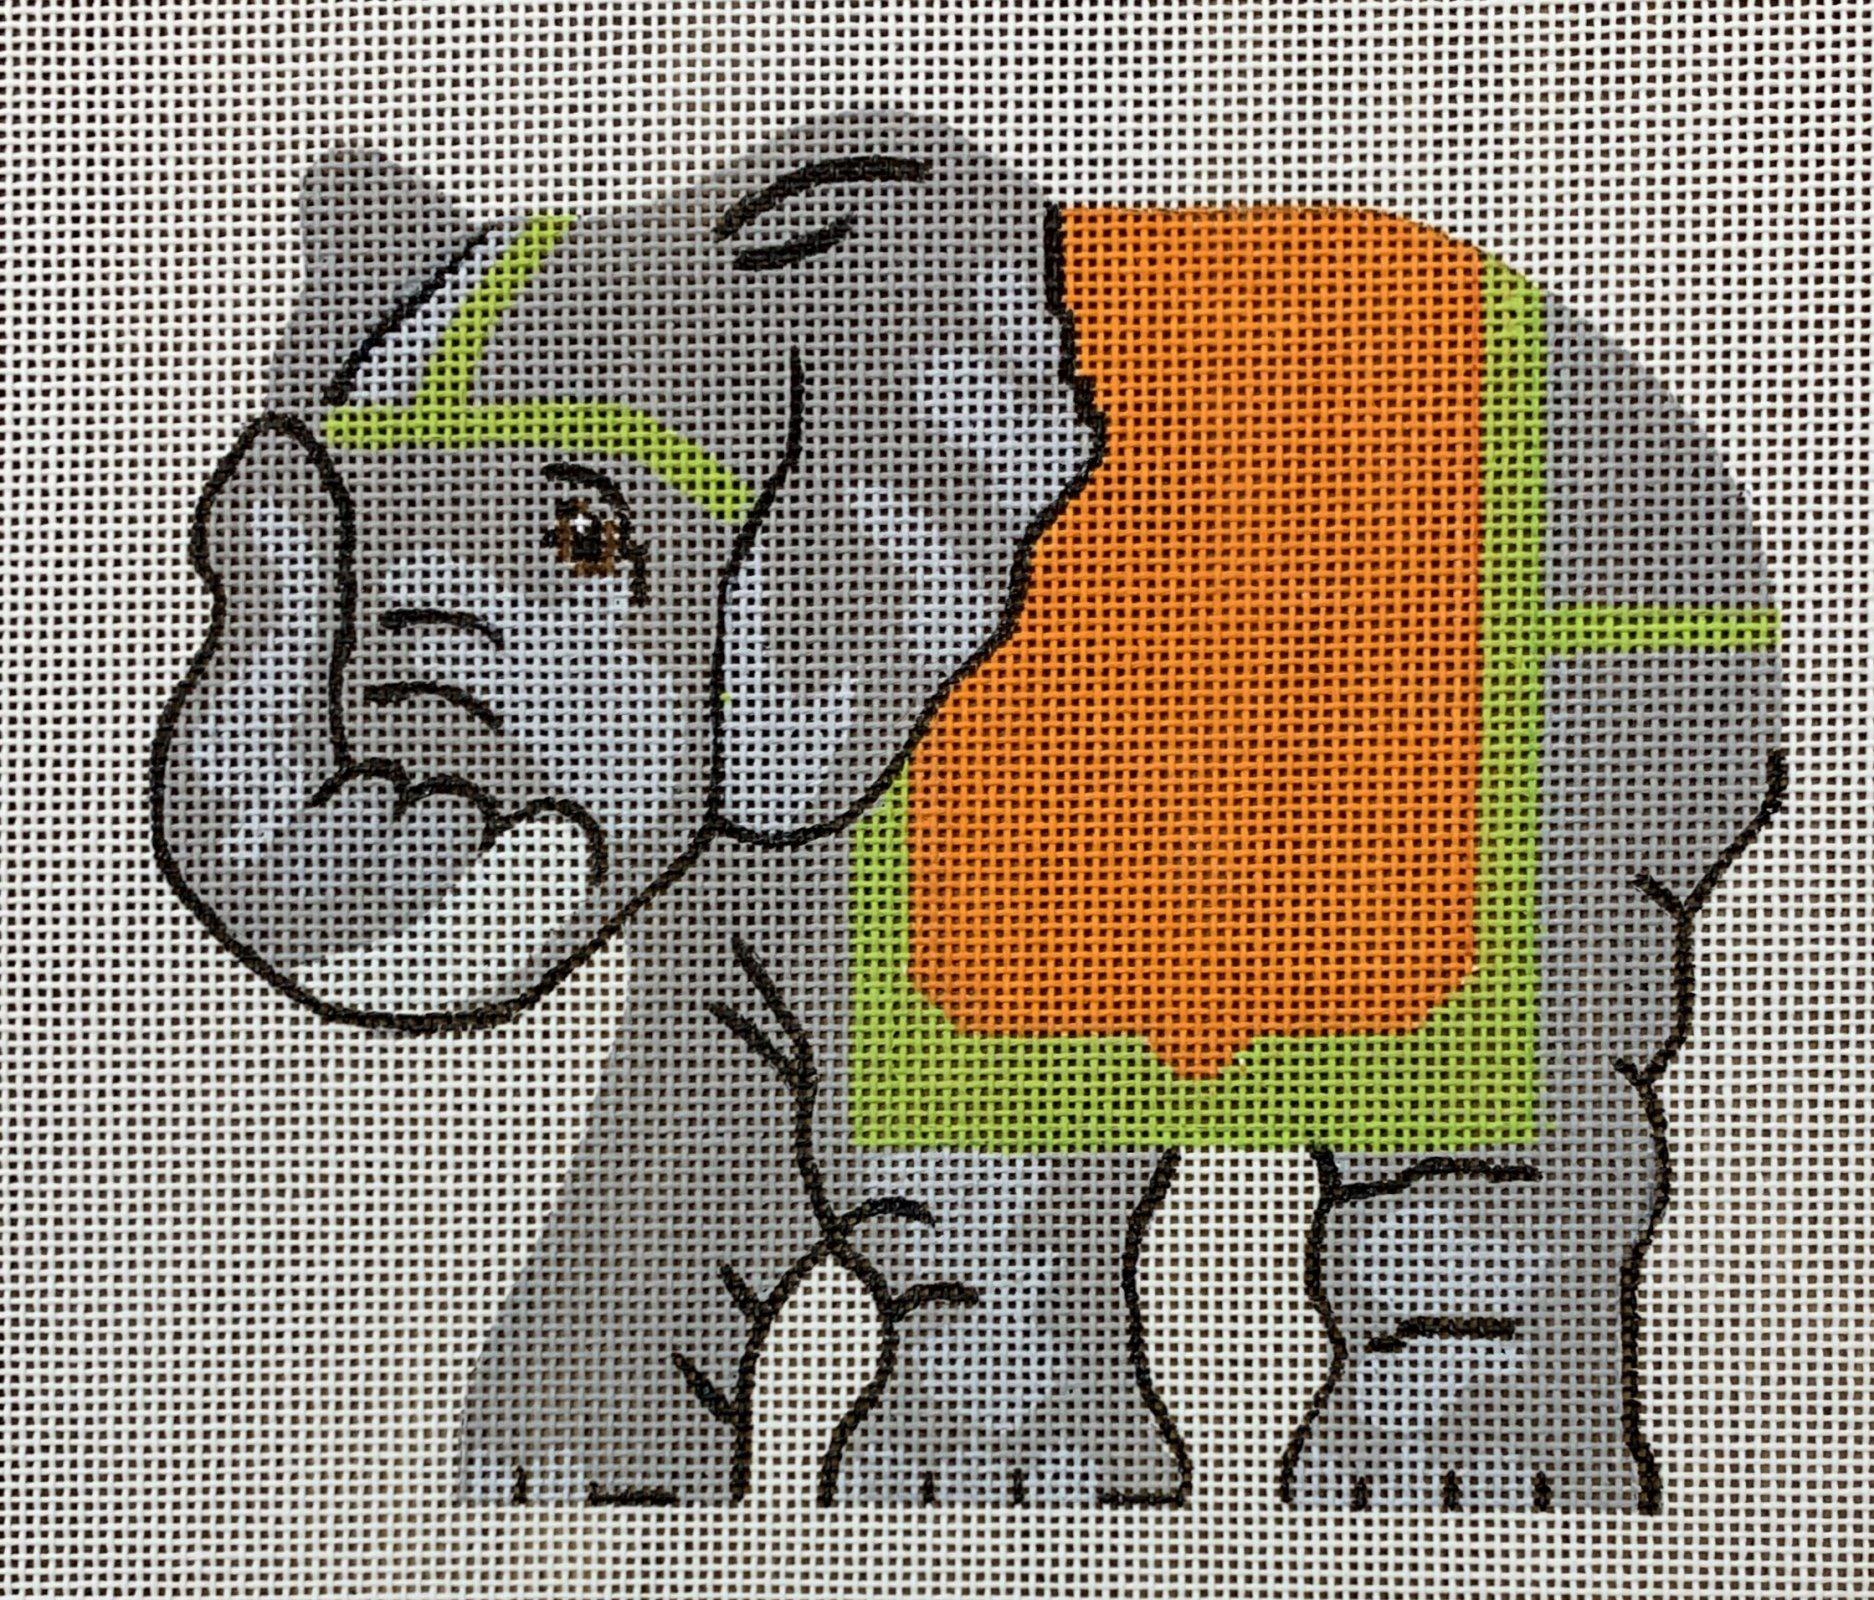 LL522A Asian Elephant